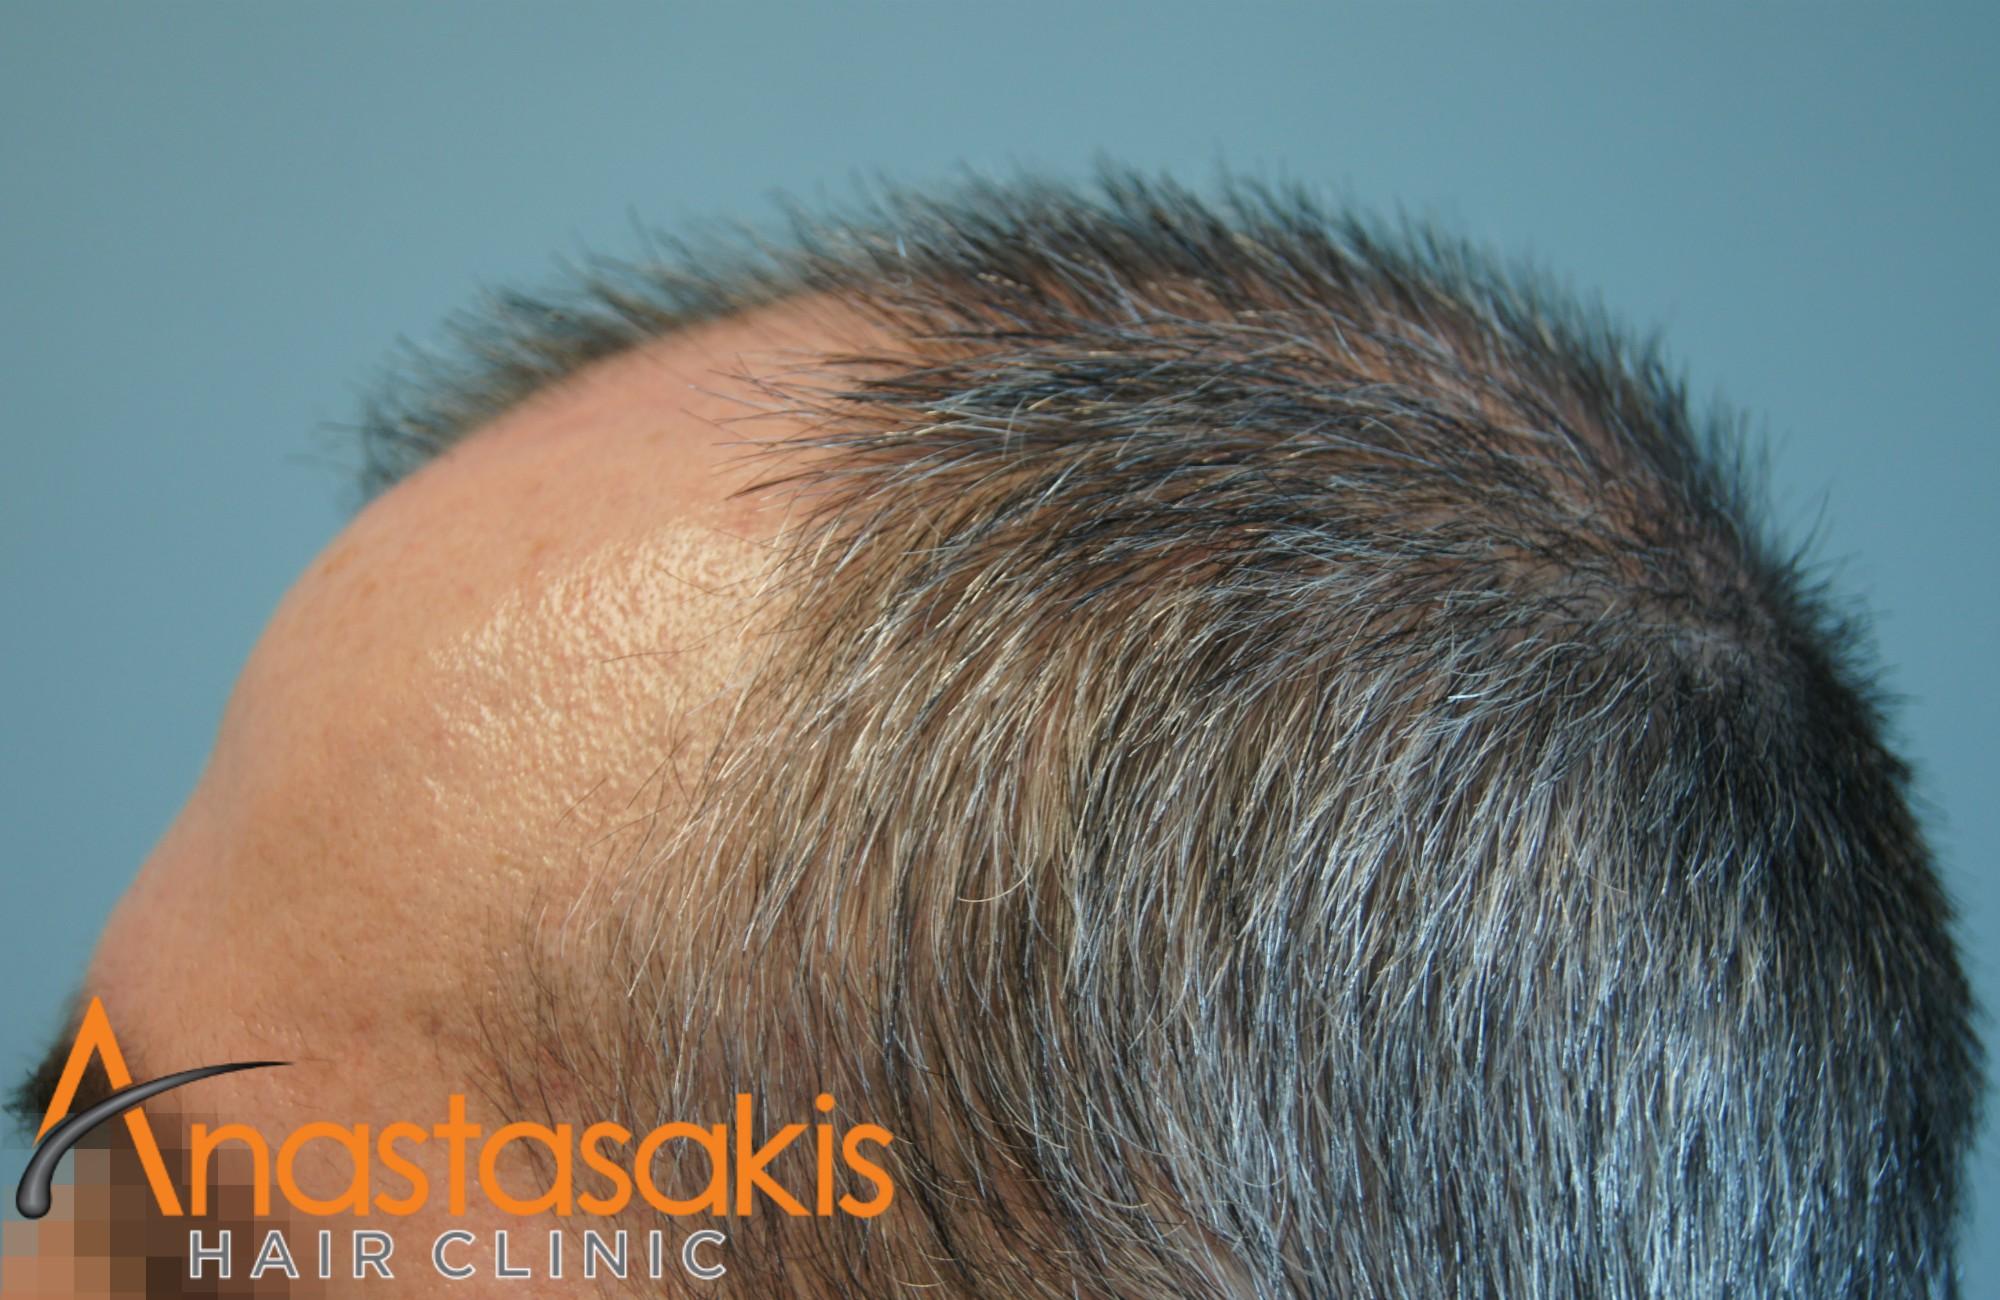 αριστερο προφιλ ασθενους πριν τη μεταμοσχευση μαλλιων με 3050 fus